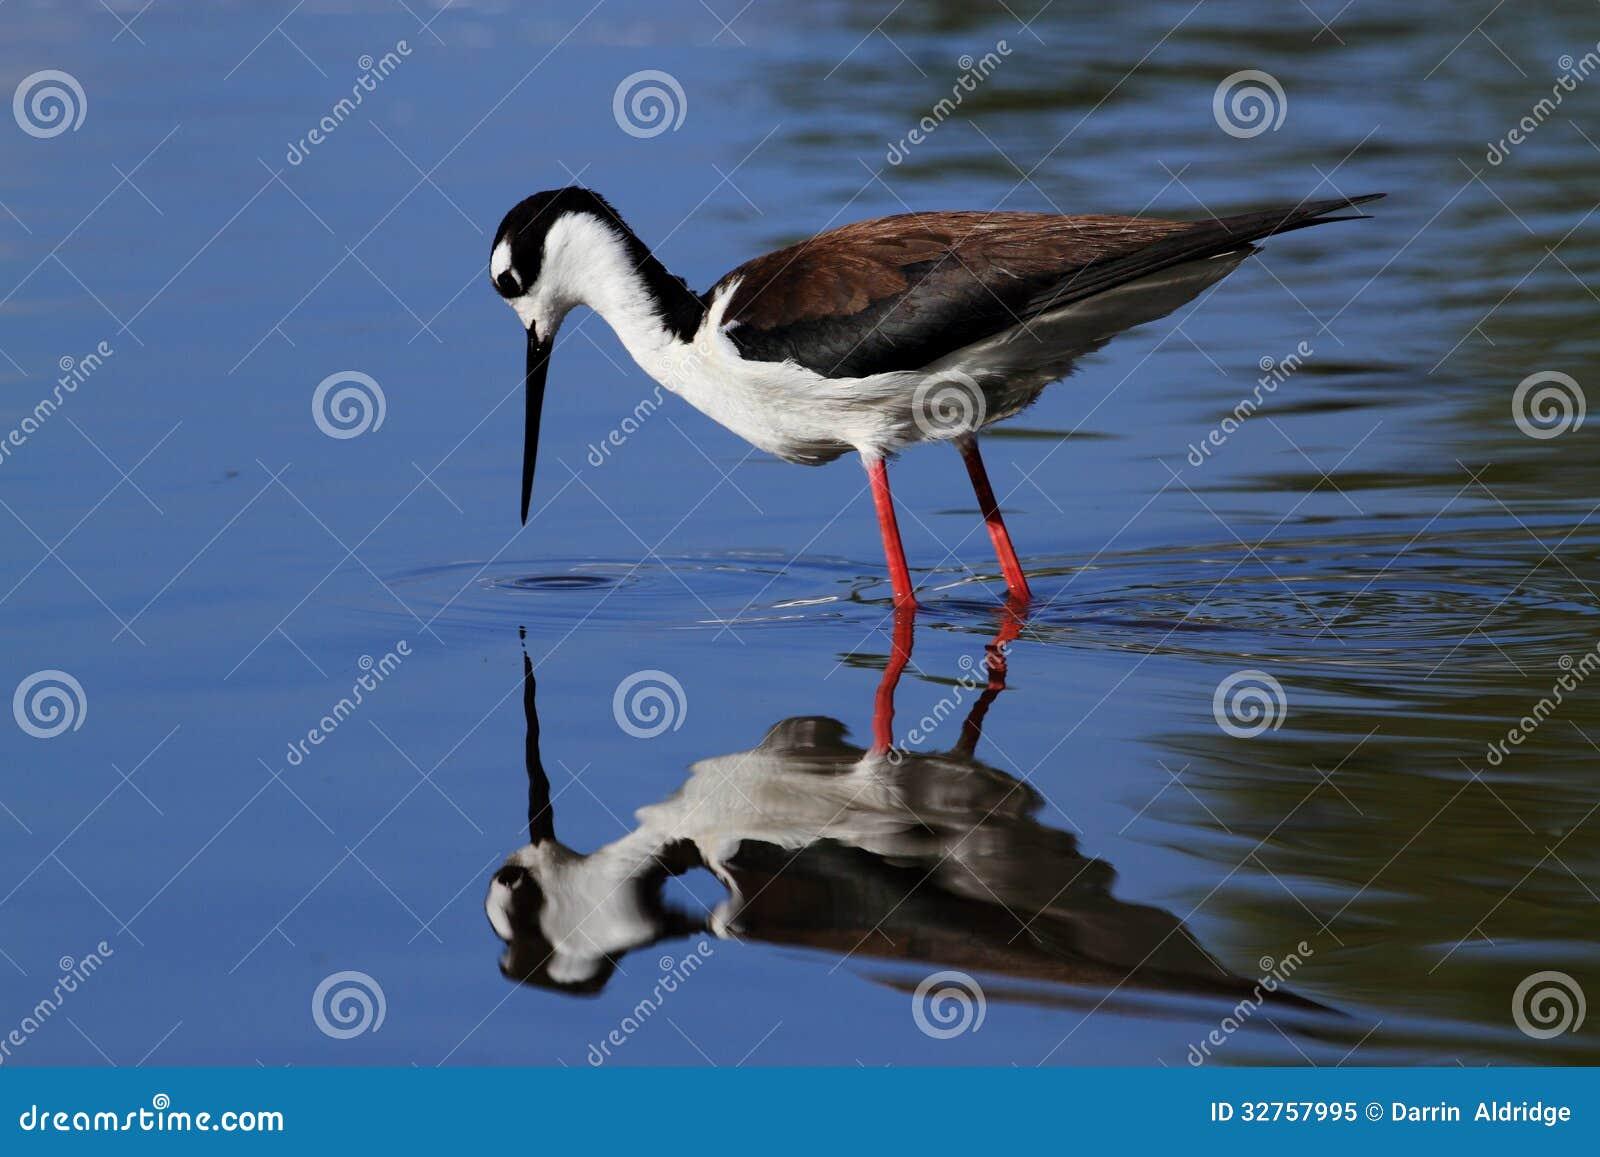 Black-necked Stilt bird